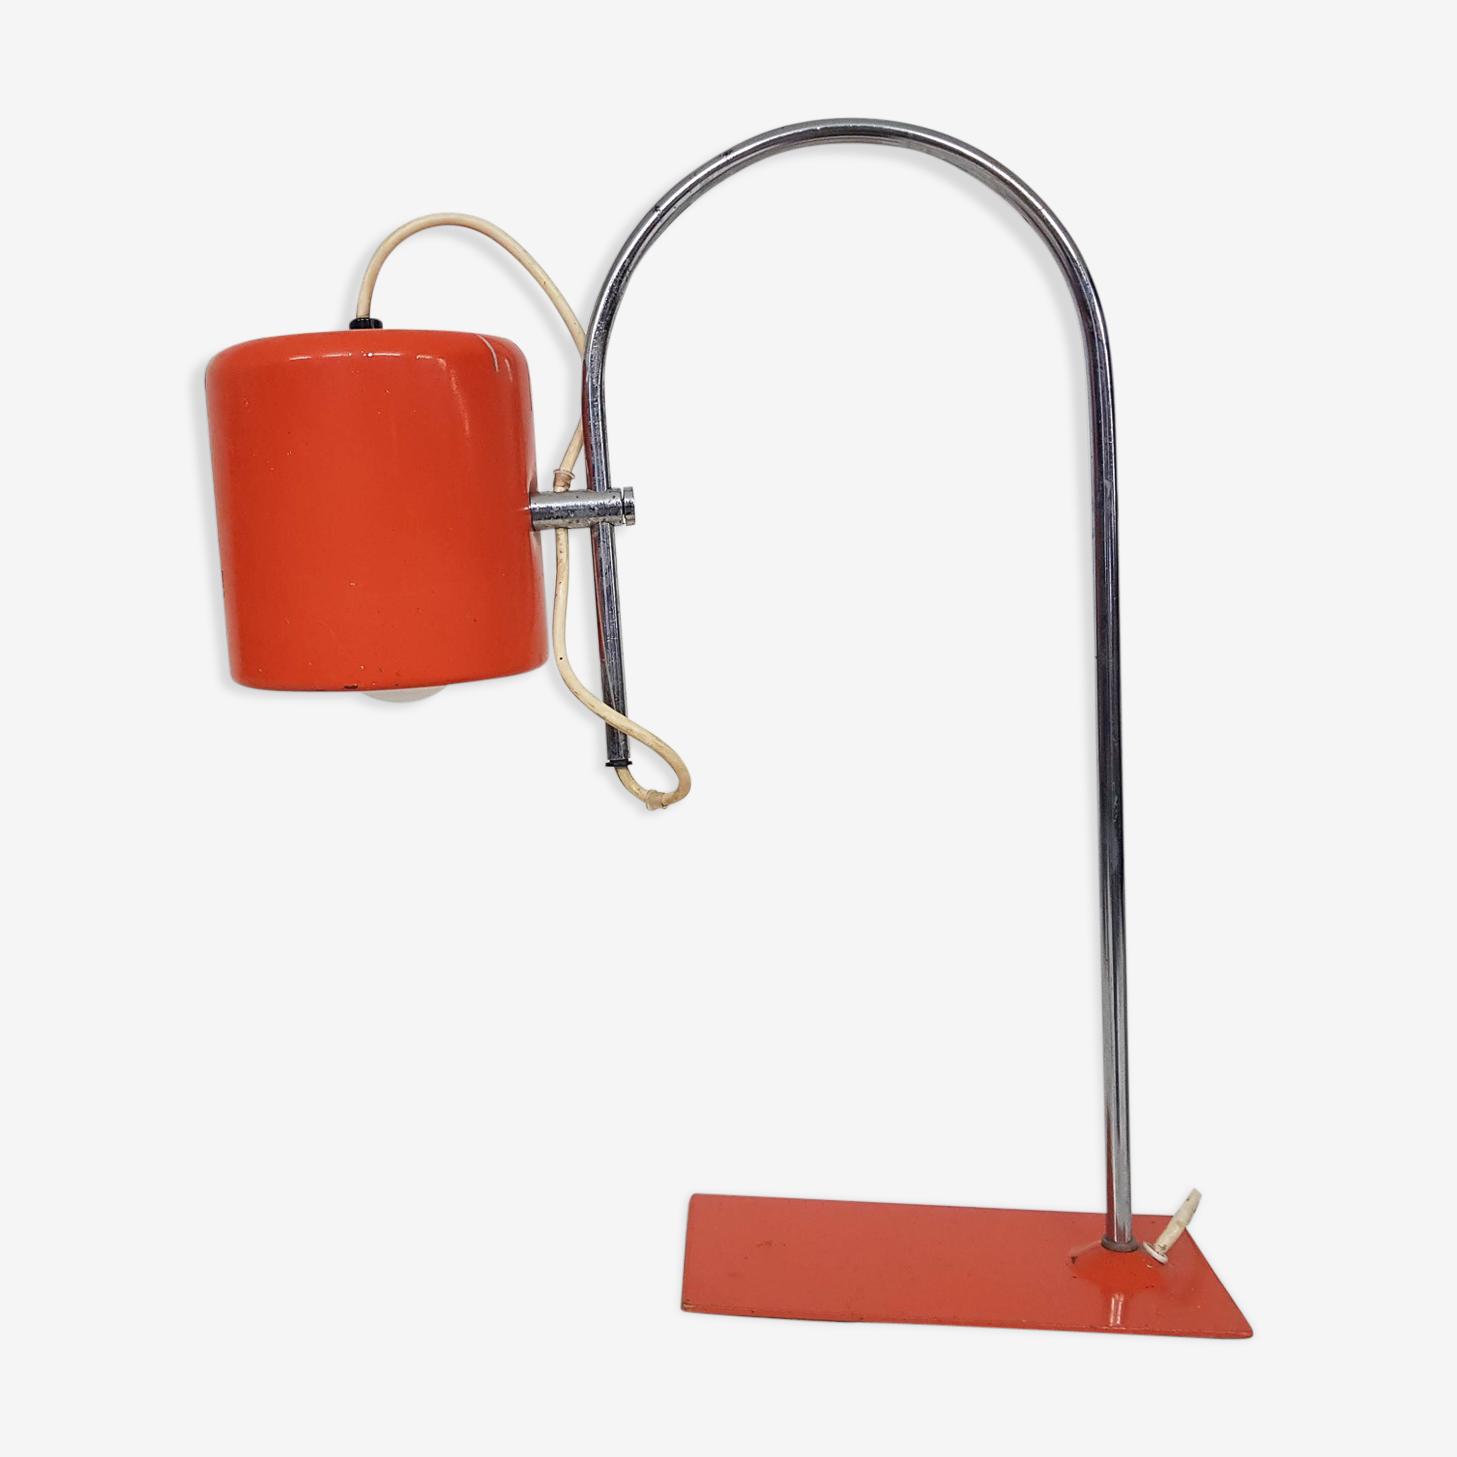 Lampe orange Pays-bas 1960 's